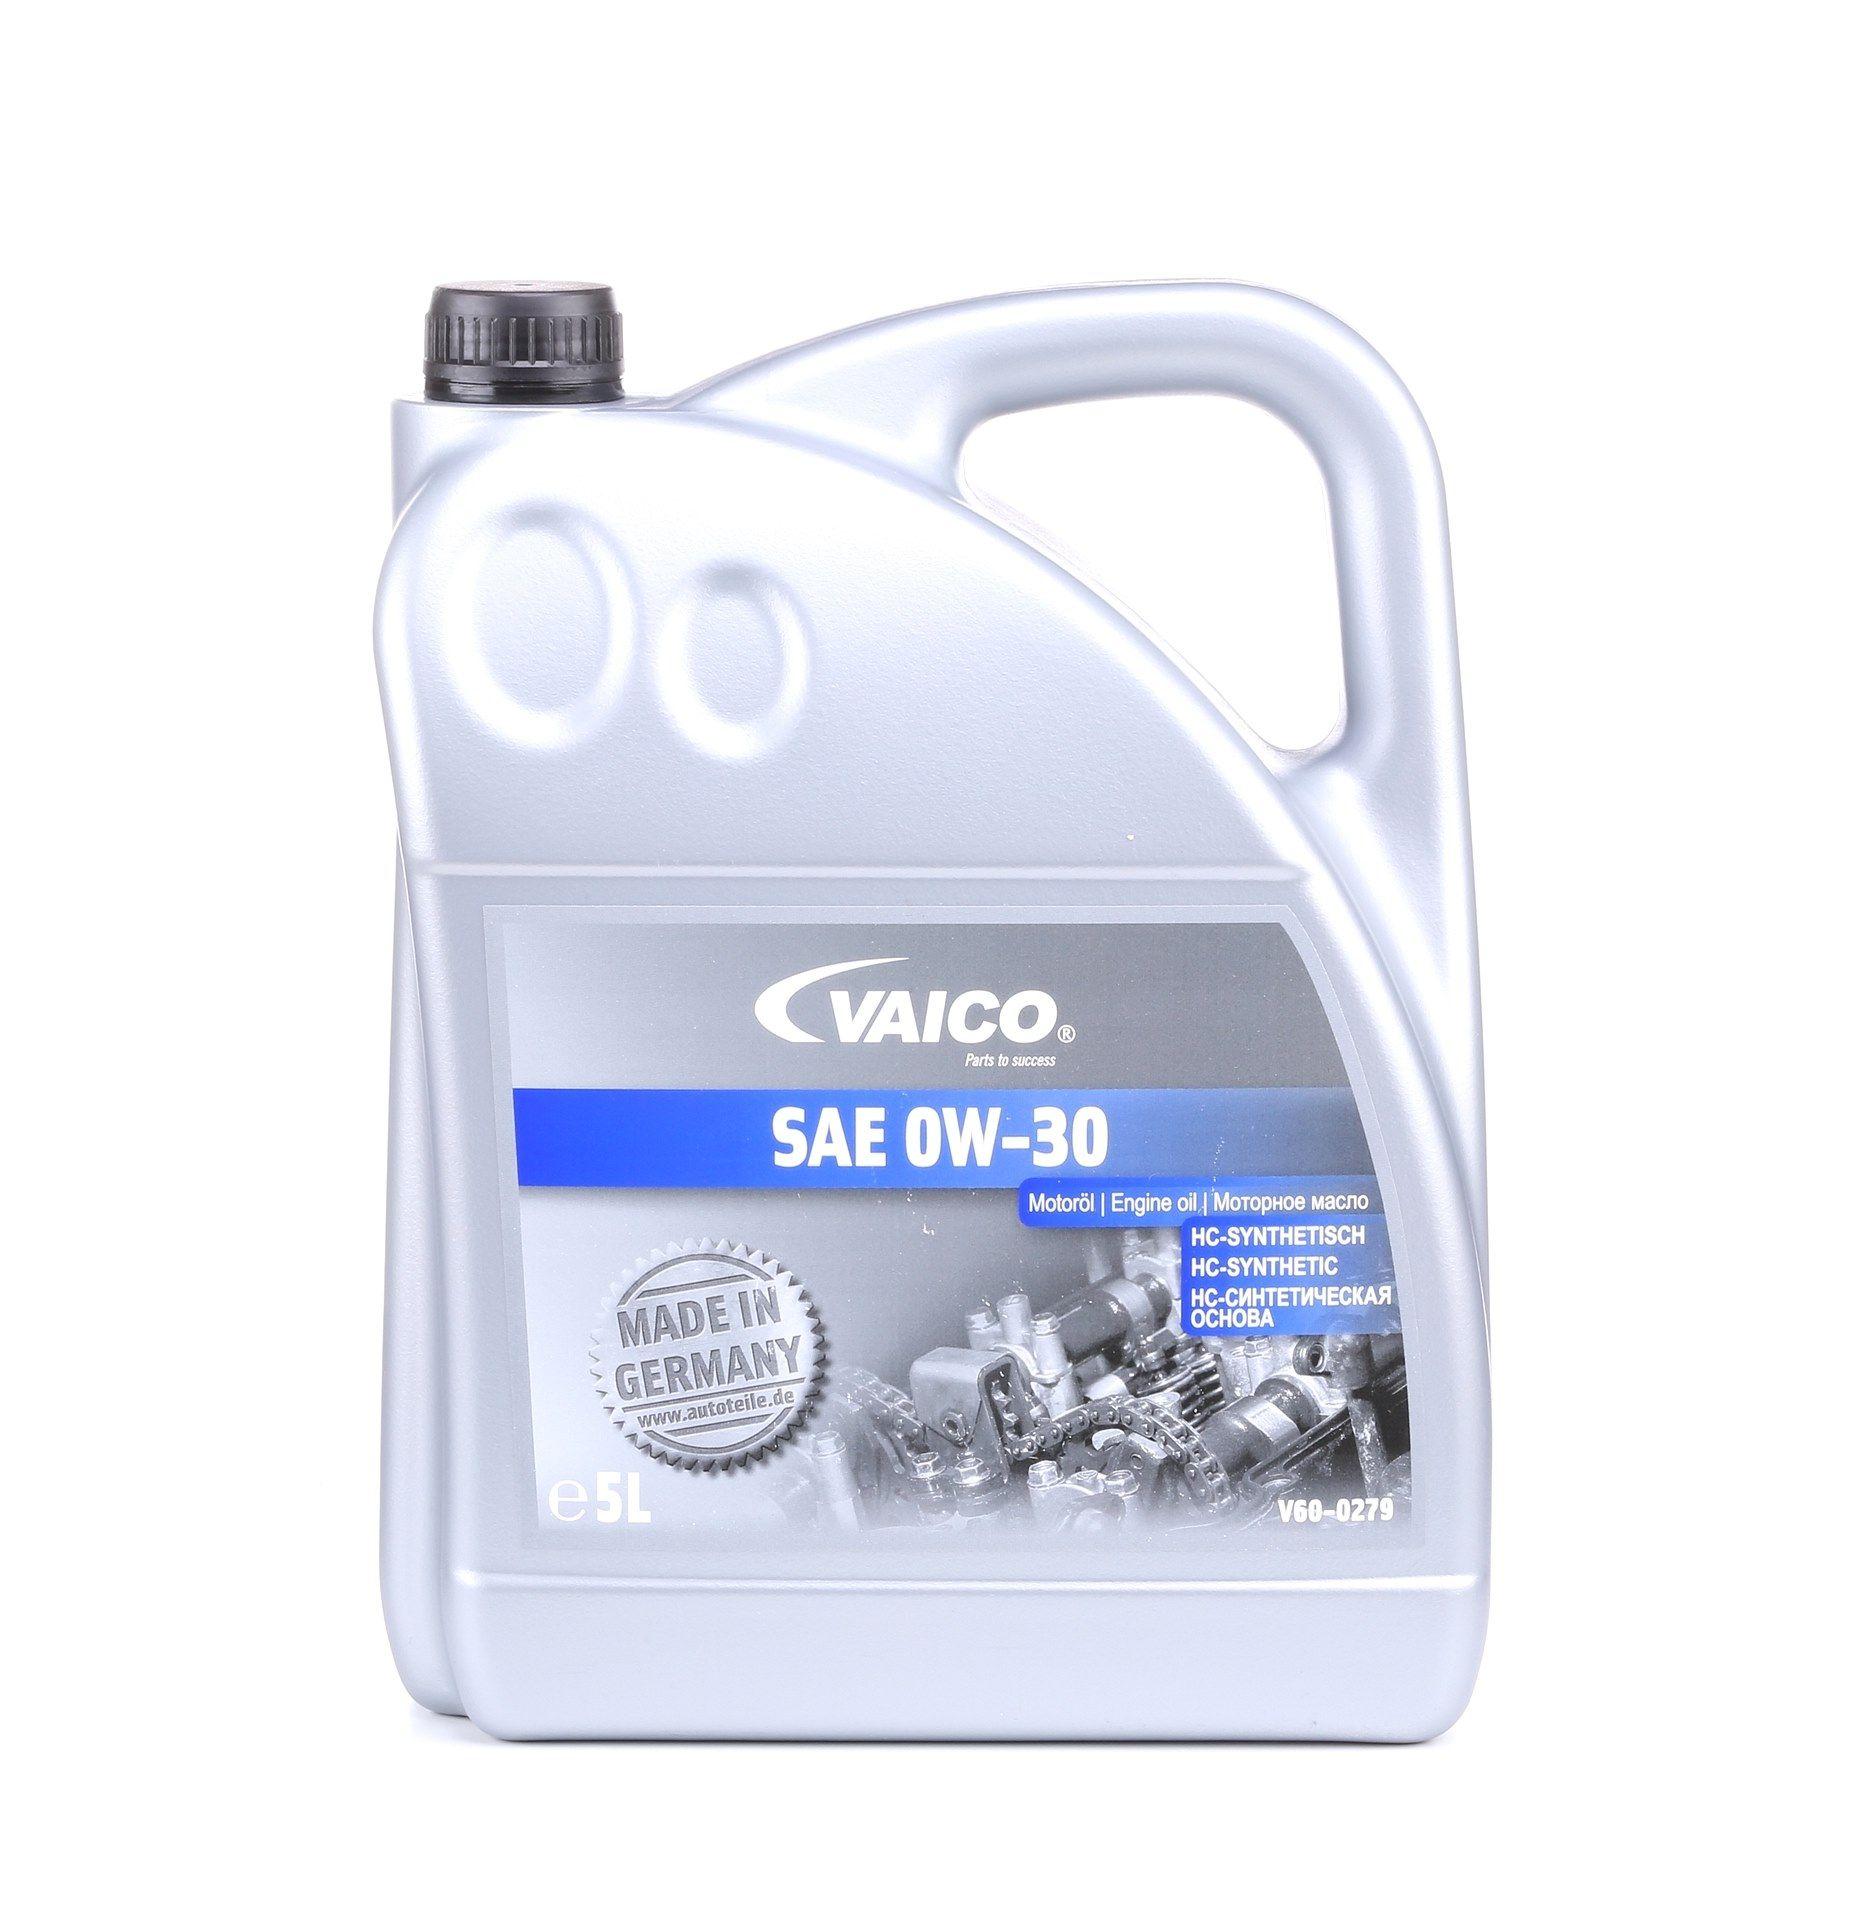 DR DR5 VAICO Olio motore V60-0279